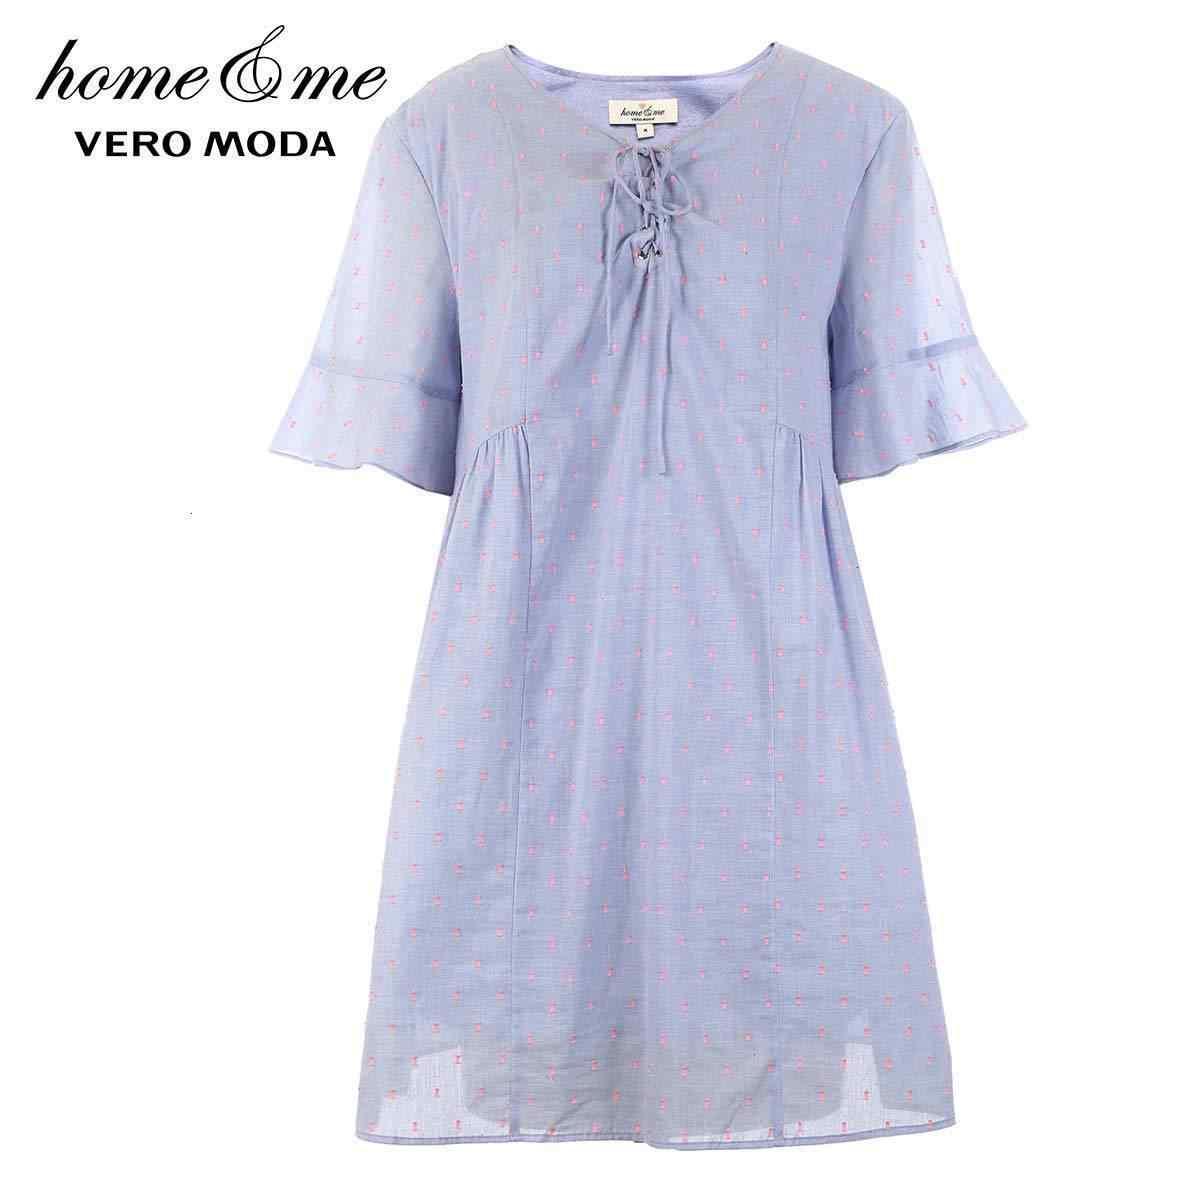 Vero Moda/Новое поступление 2019 года; домашняя одежда в горошек на шнуровке; ночная рубашка '124; 31926Z569